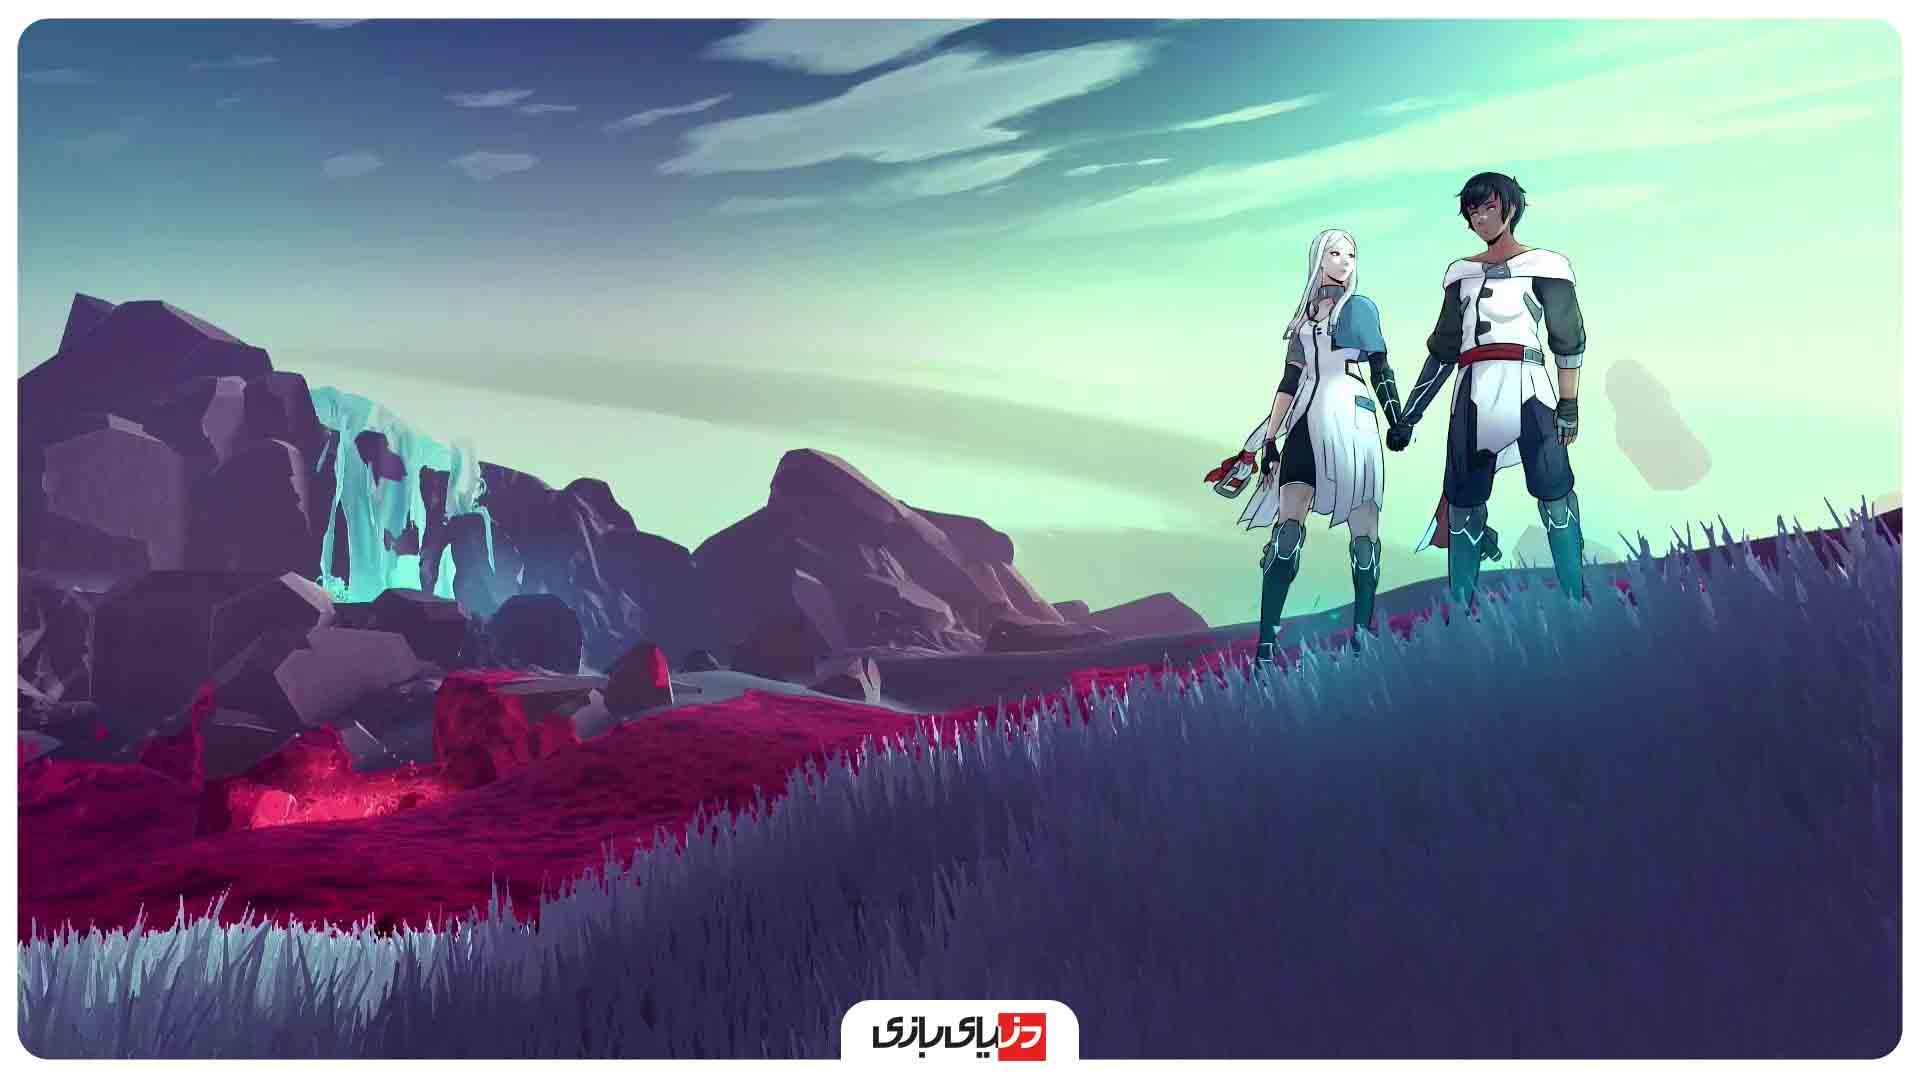 بهترین بازی های سال 2020 از نگاه IGN